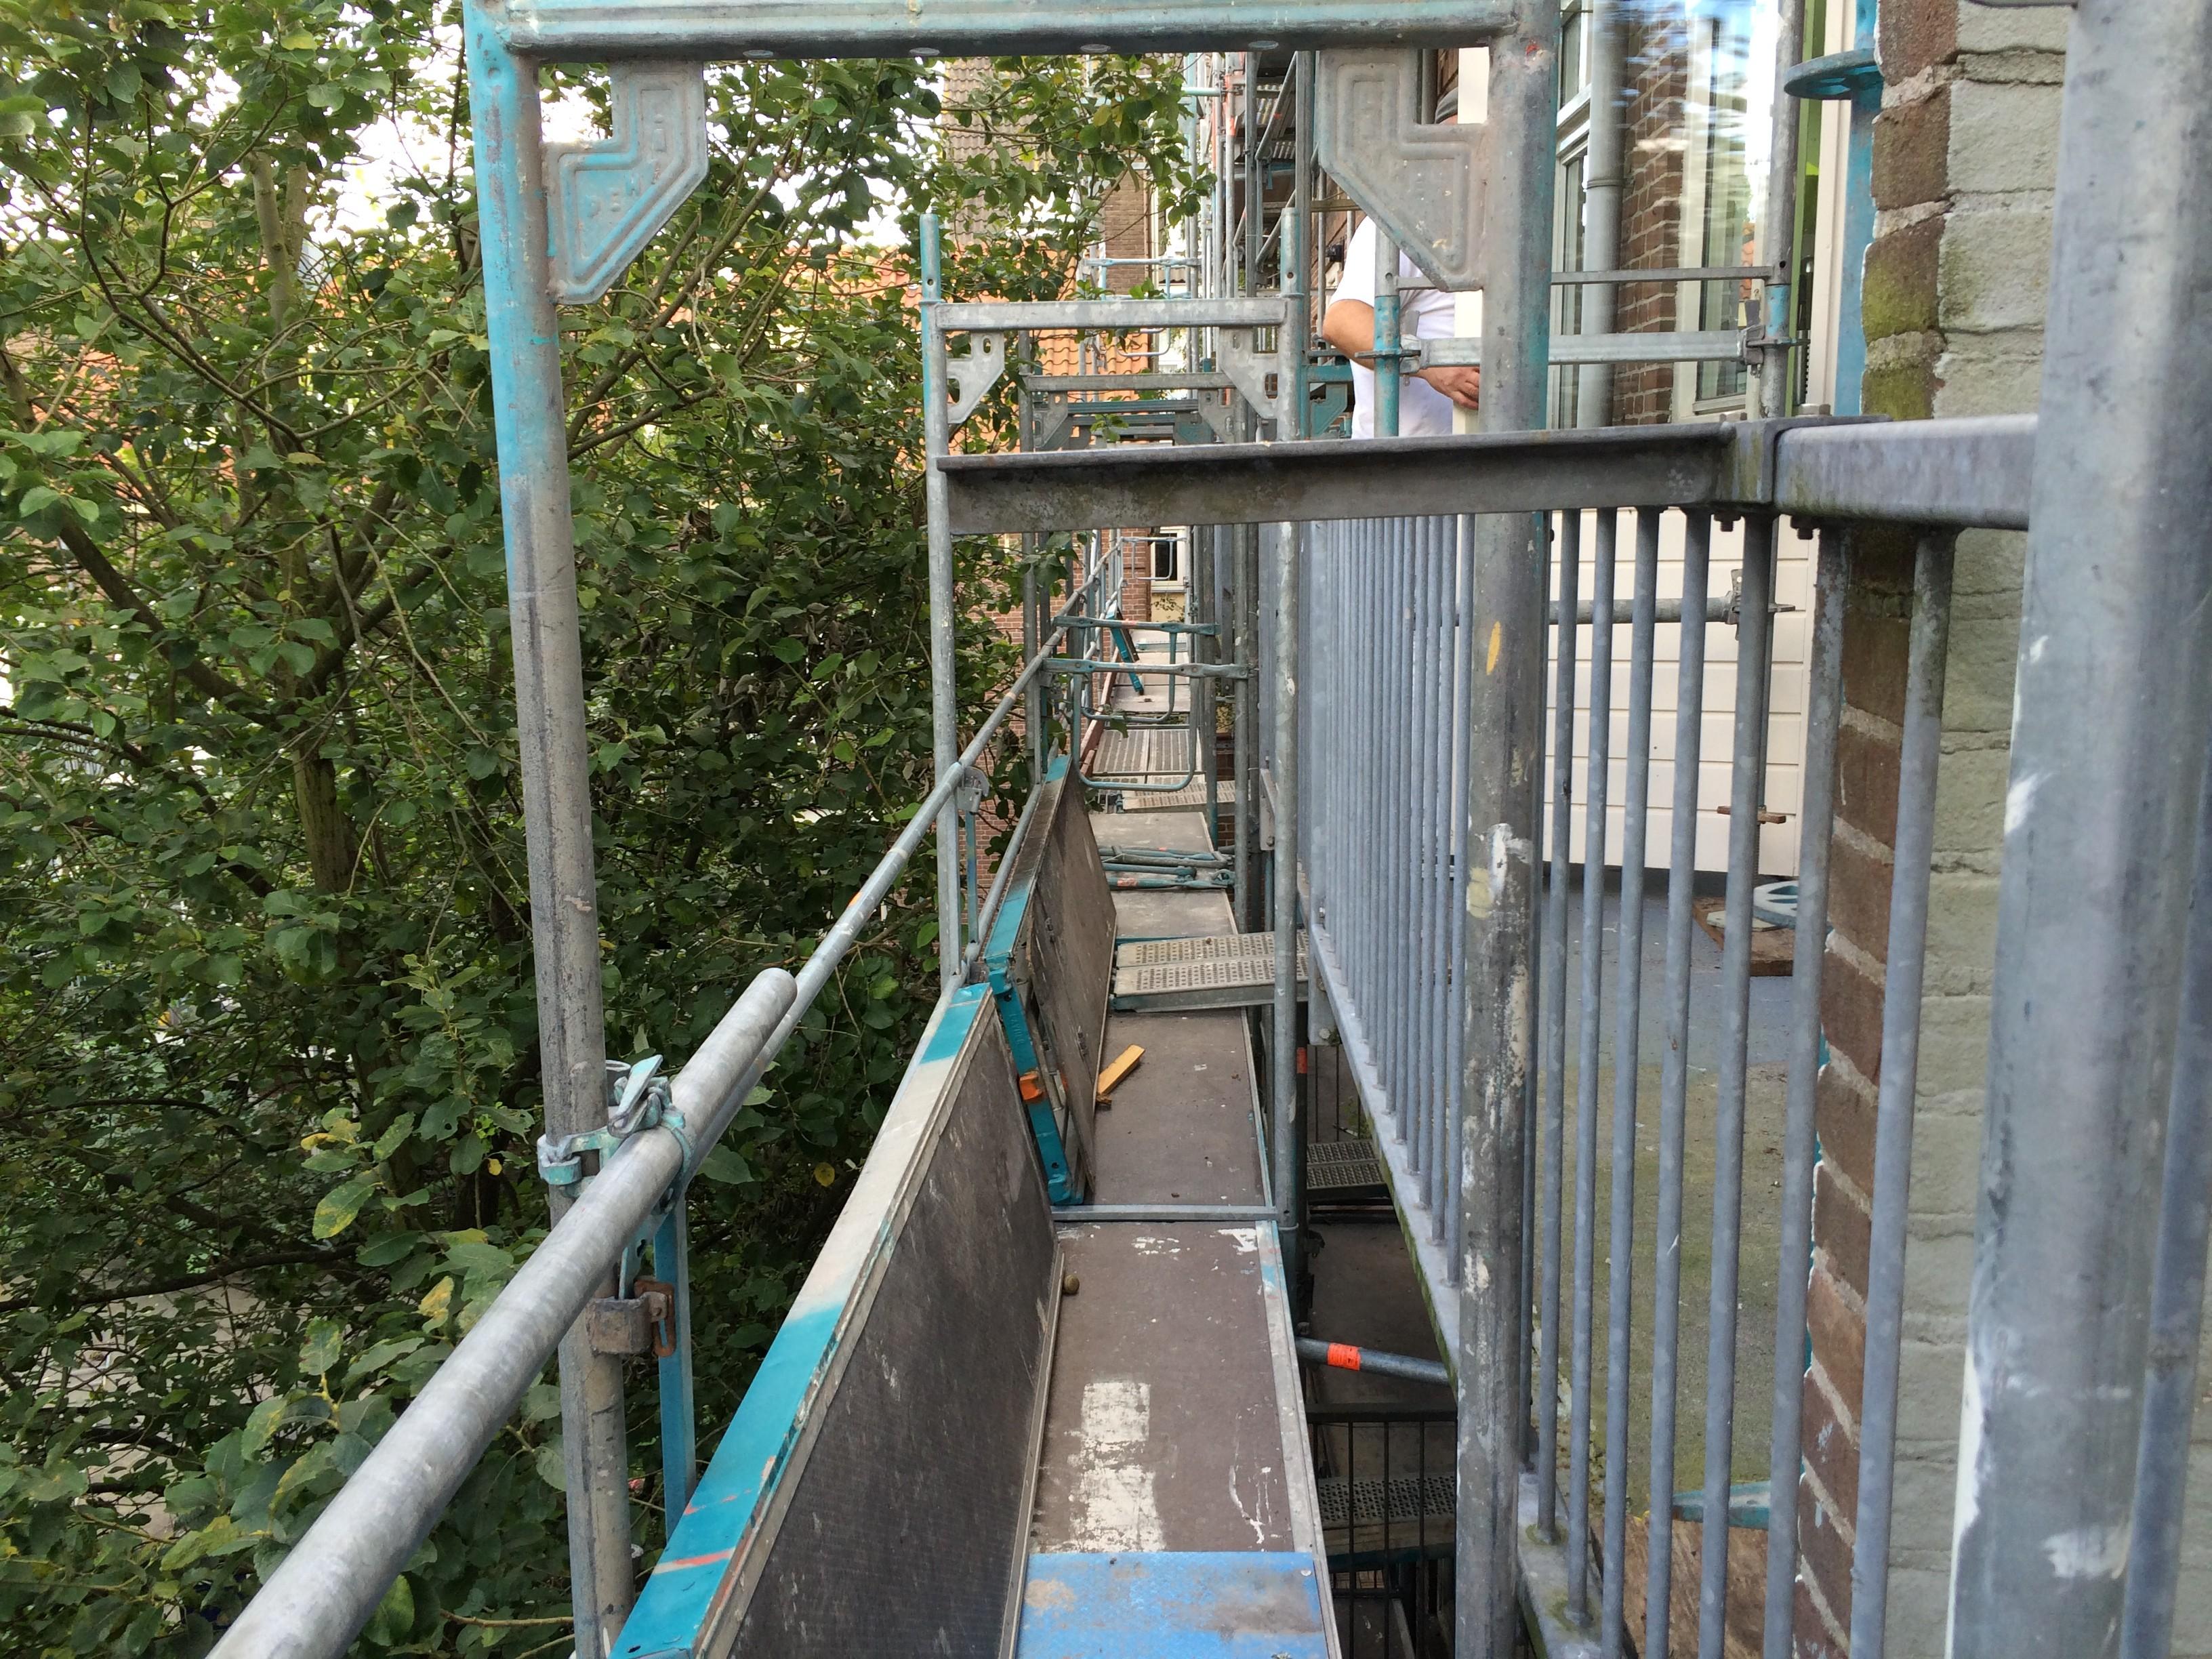 BKT_amsterdam_VvE_gevel_dak_balkon_ondrhoud_zinken_goten_bestek_aanbesteding_Ben_Viljoenstraat_directievoering_02.jpg